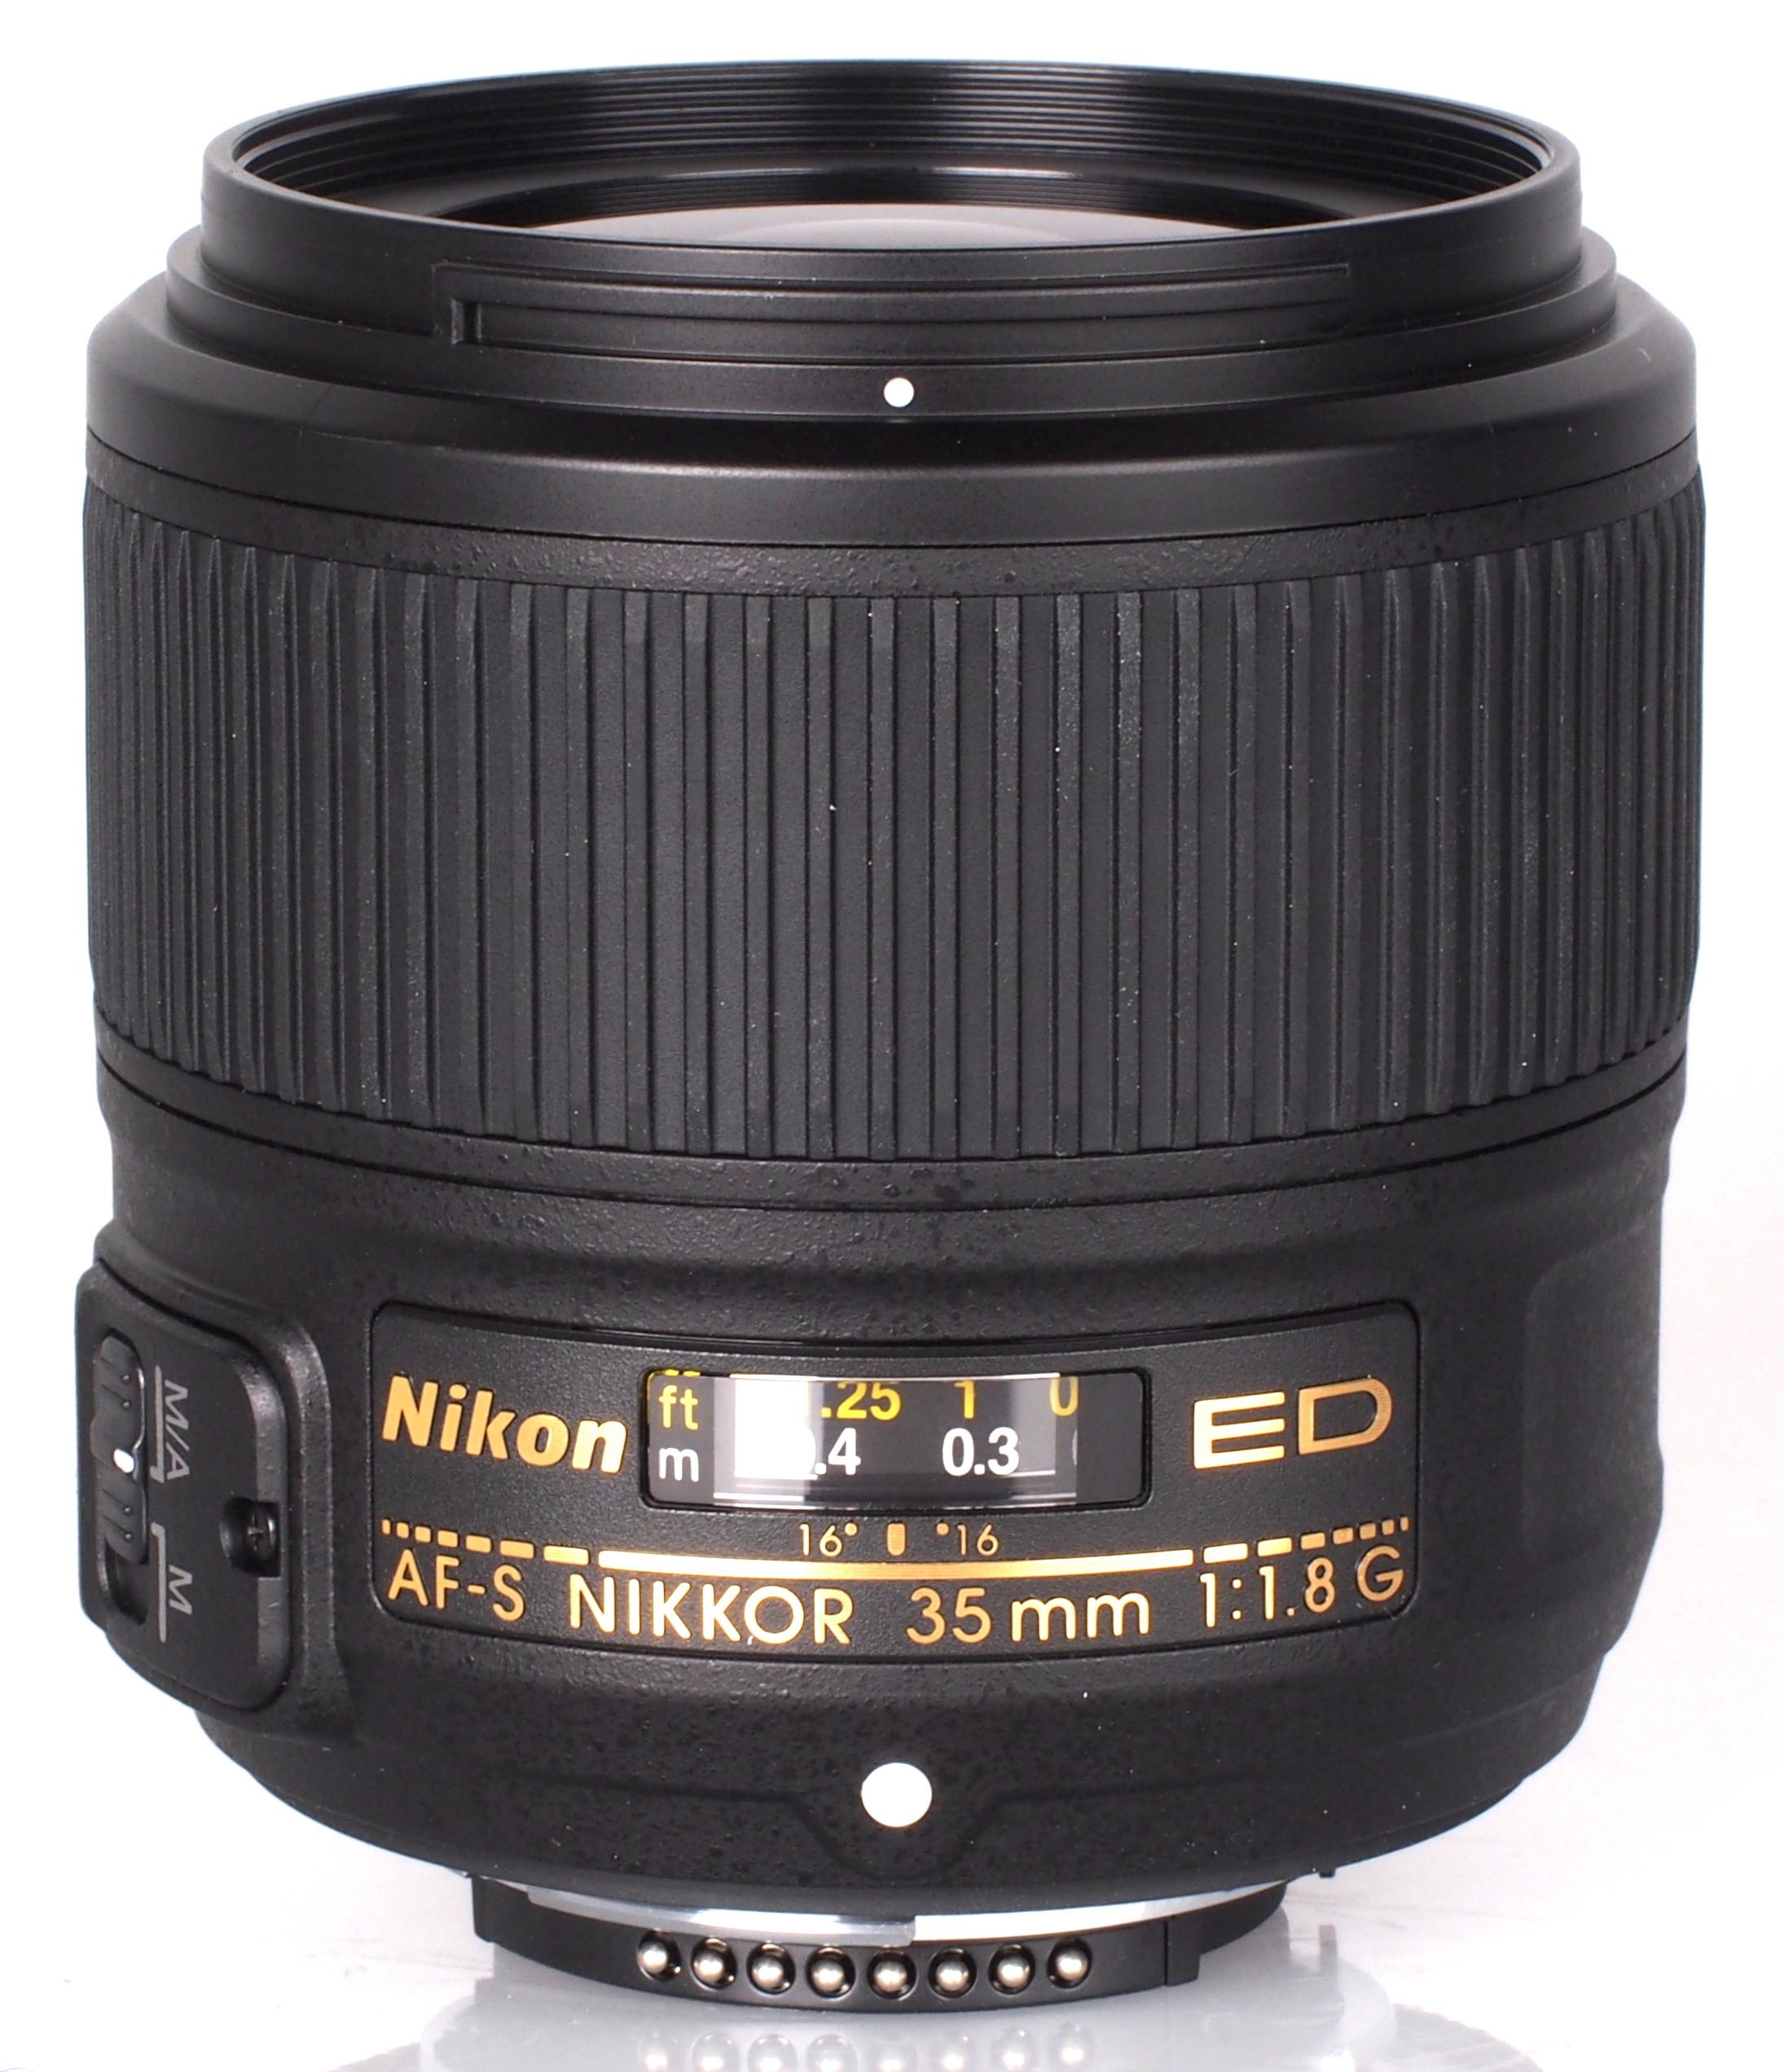 nikon af s nikkor 35mm f 1 8g lens review